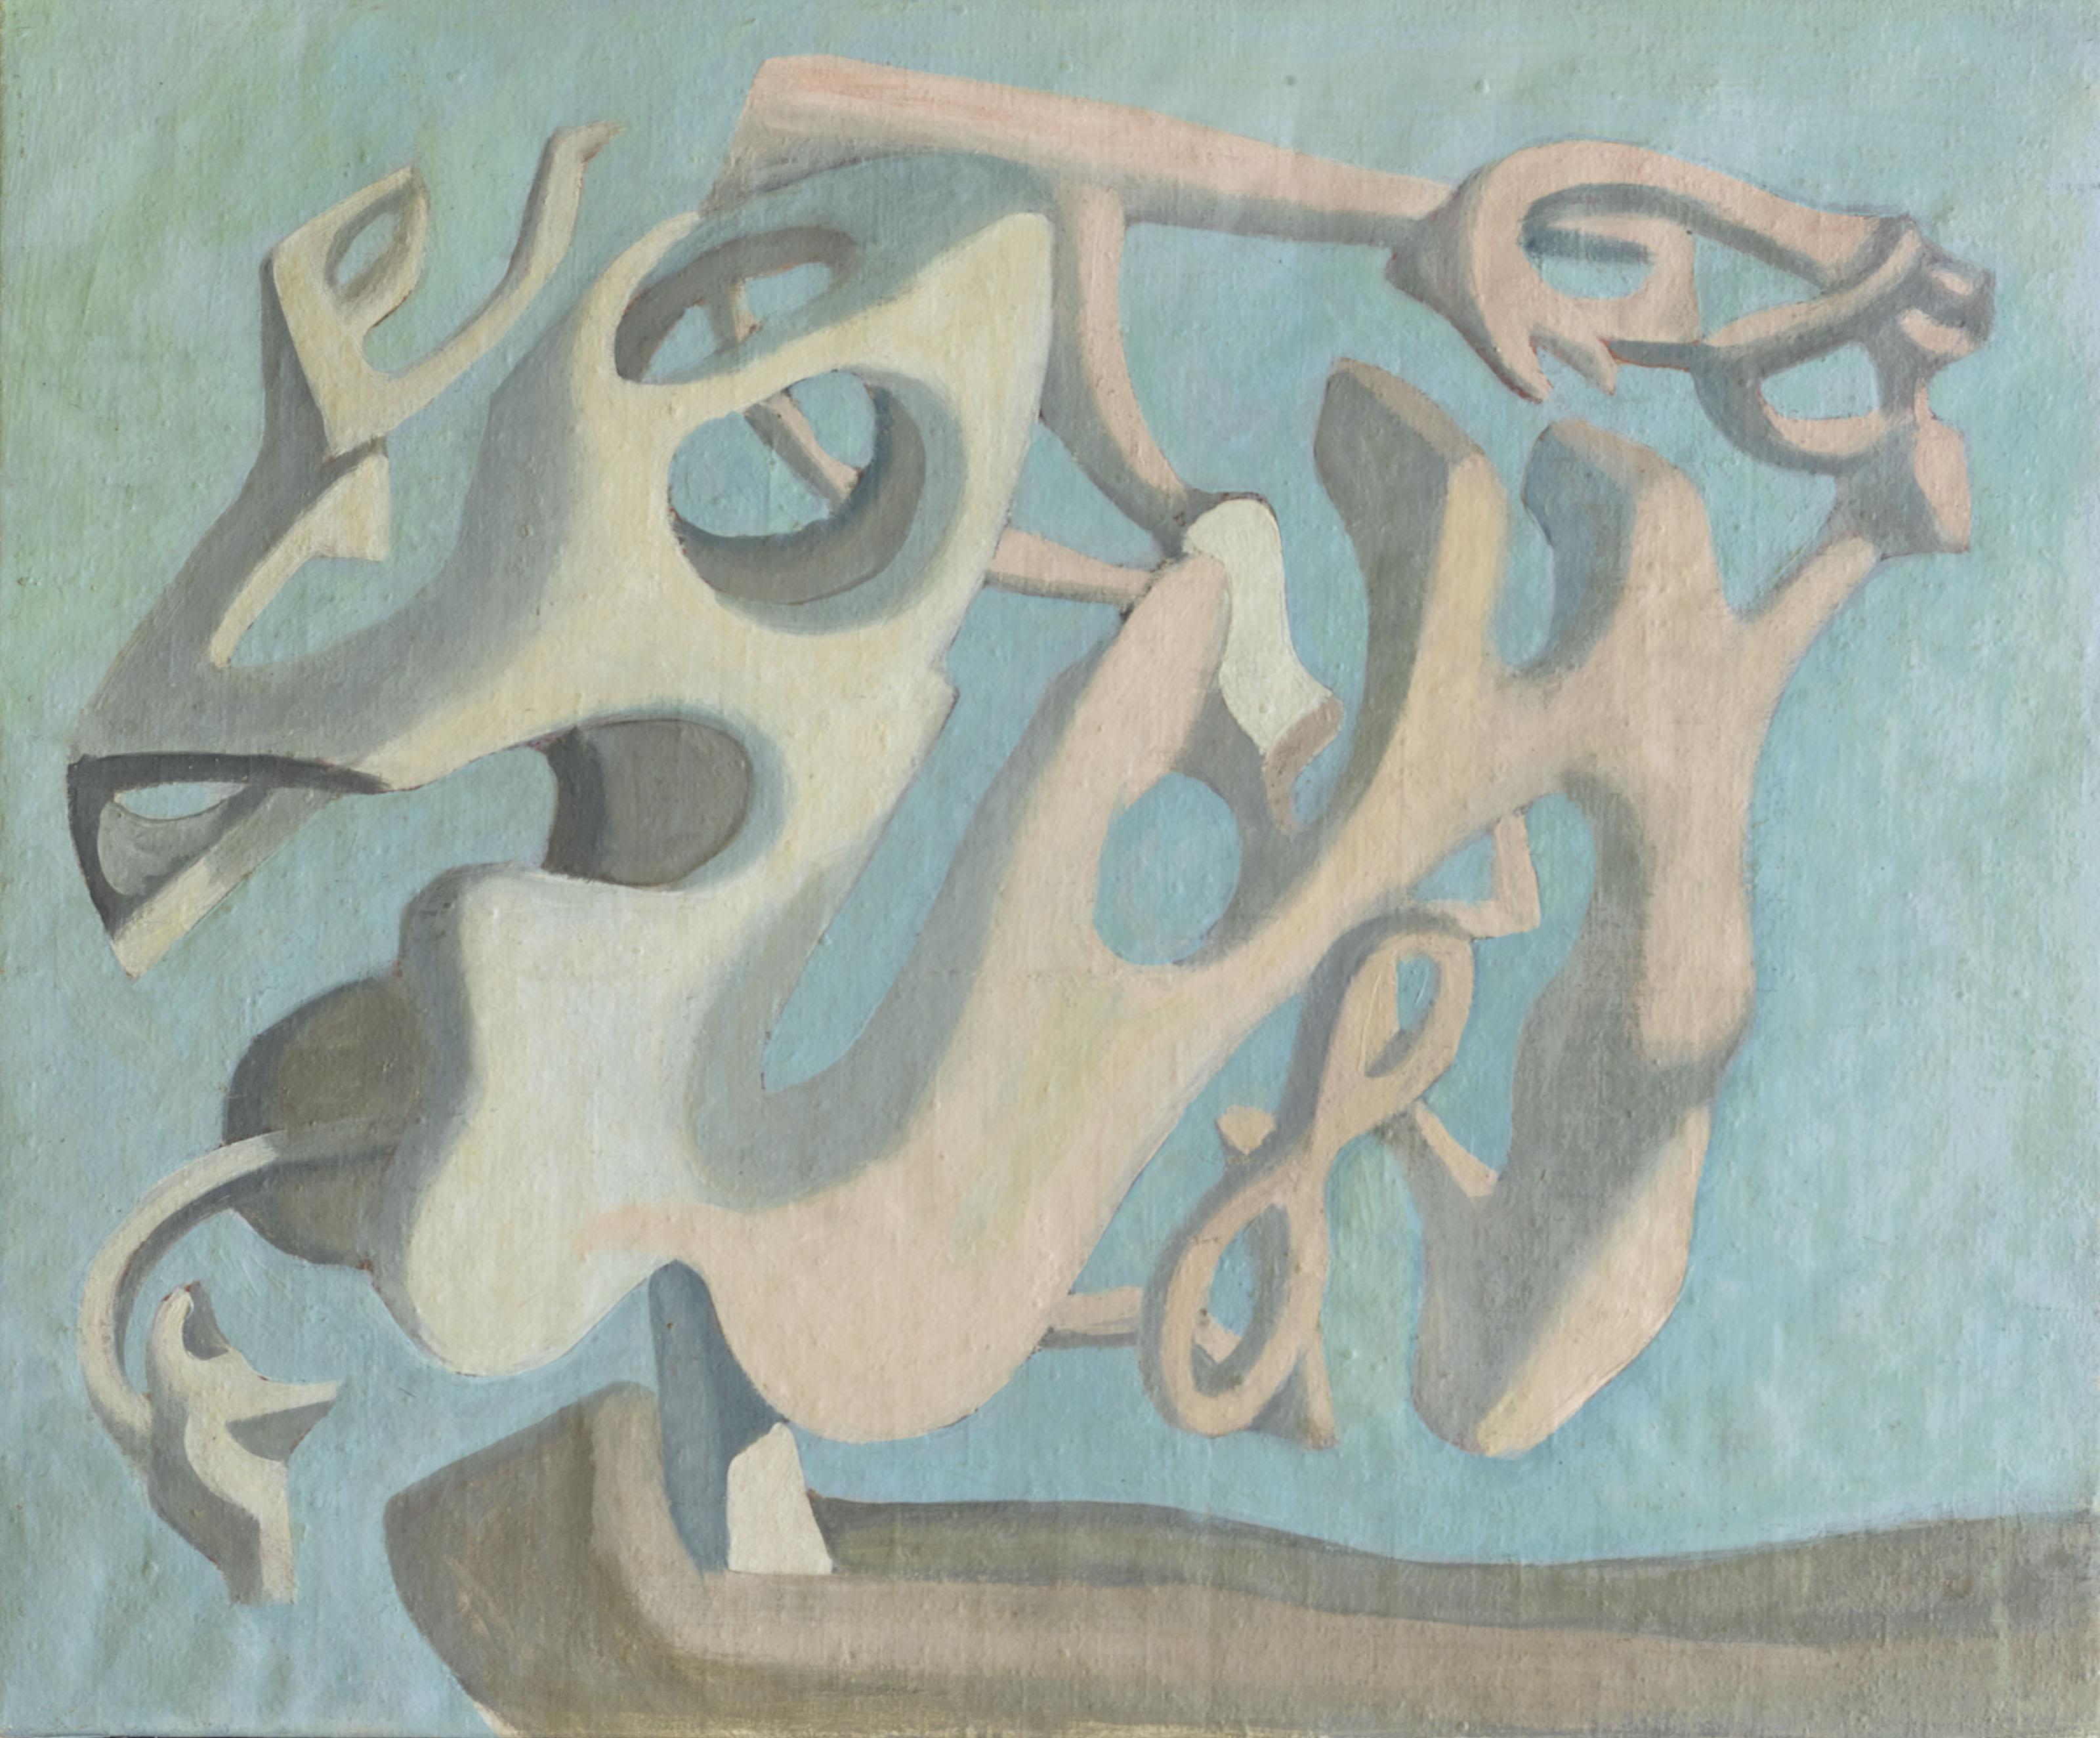 Antoine Malliarakis Mayo (French/Greek, 1905-1990)